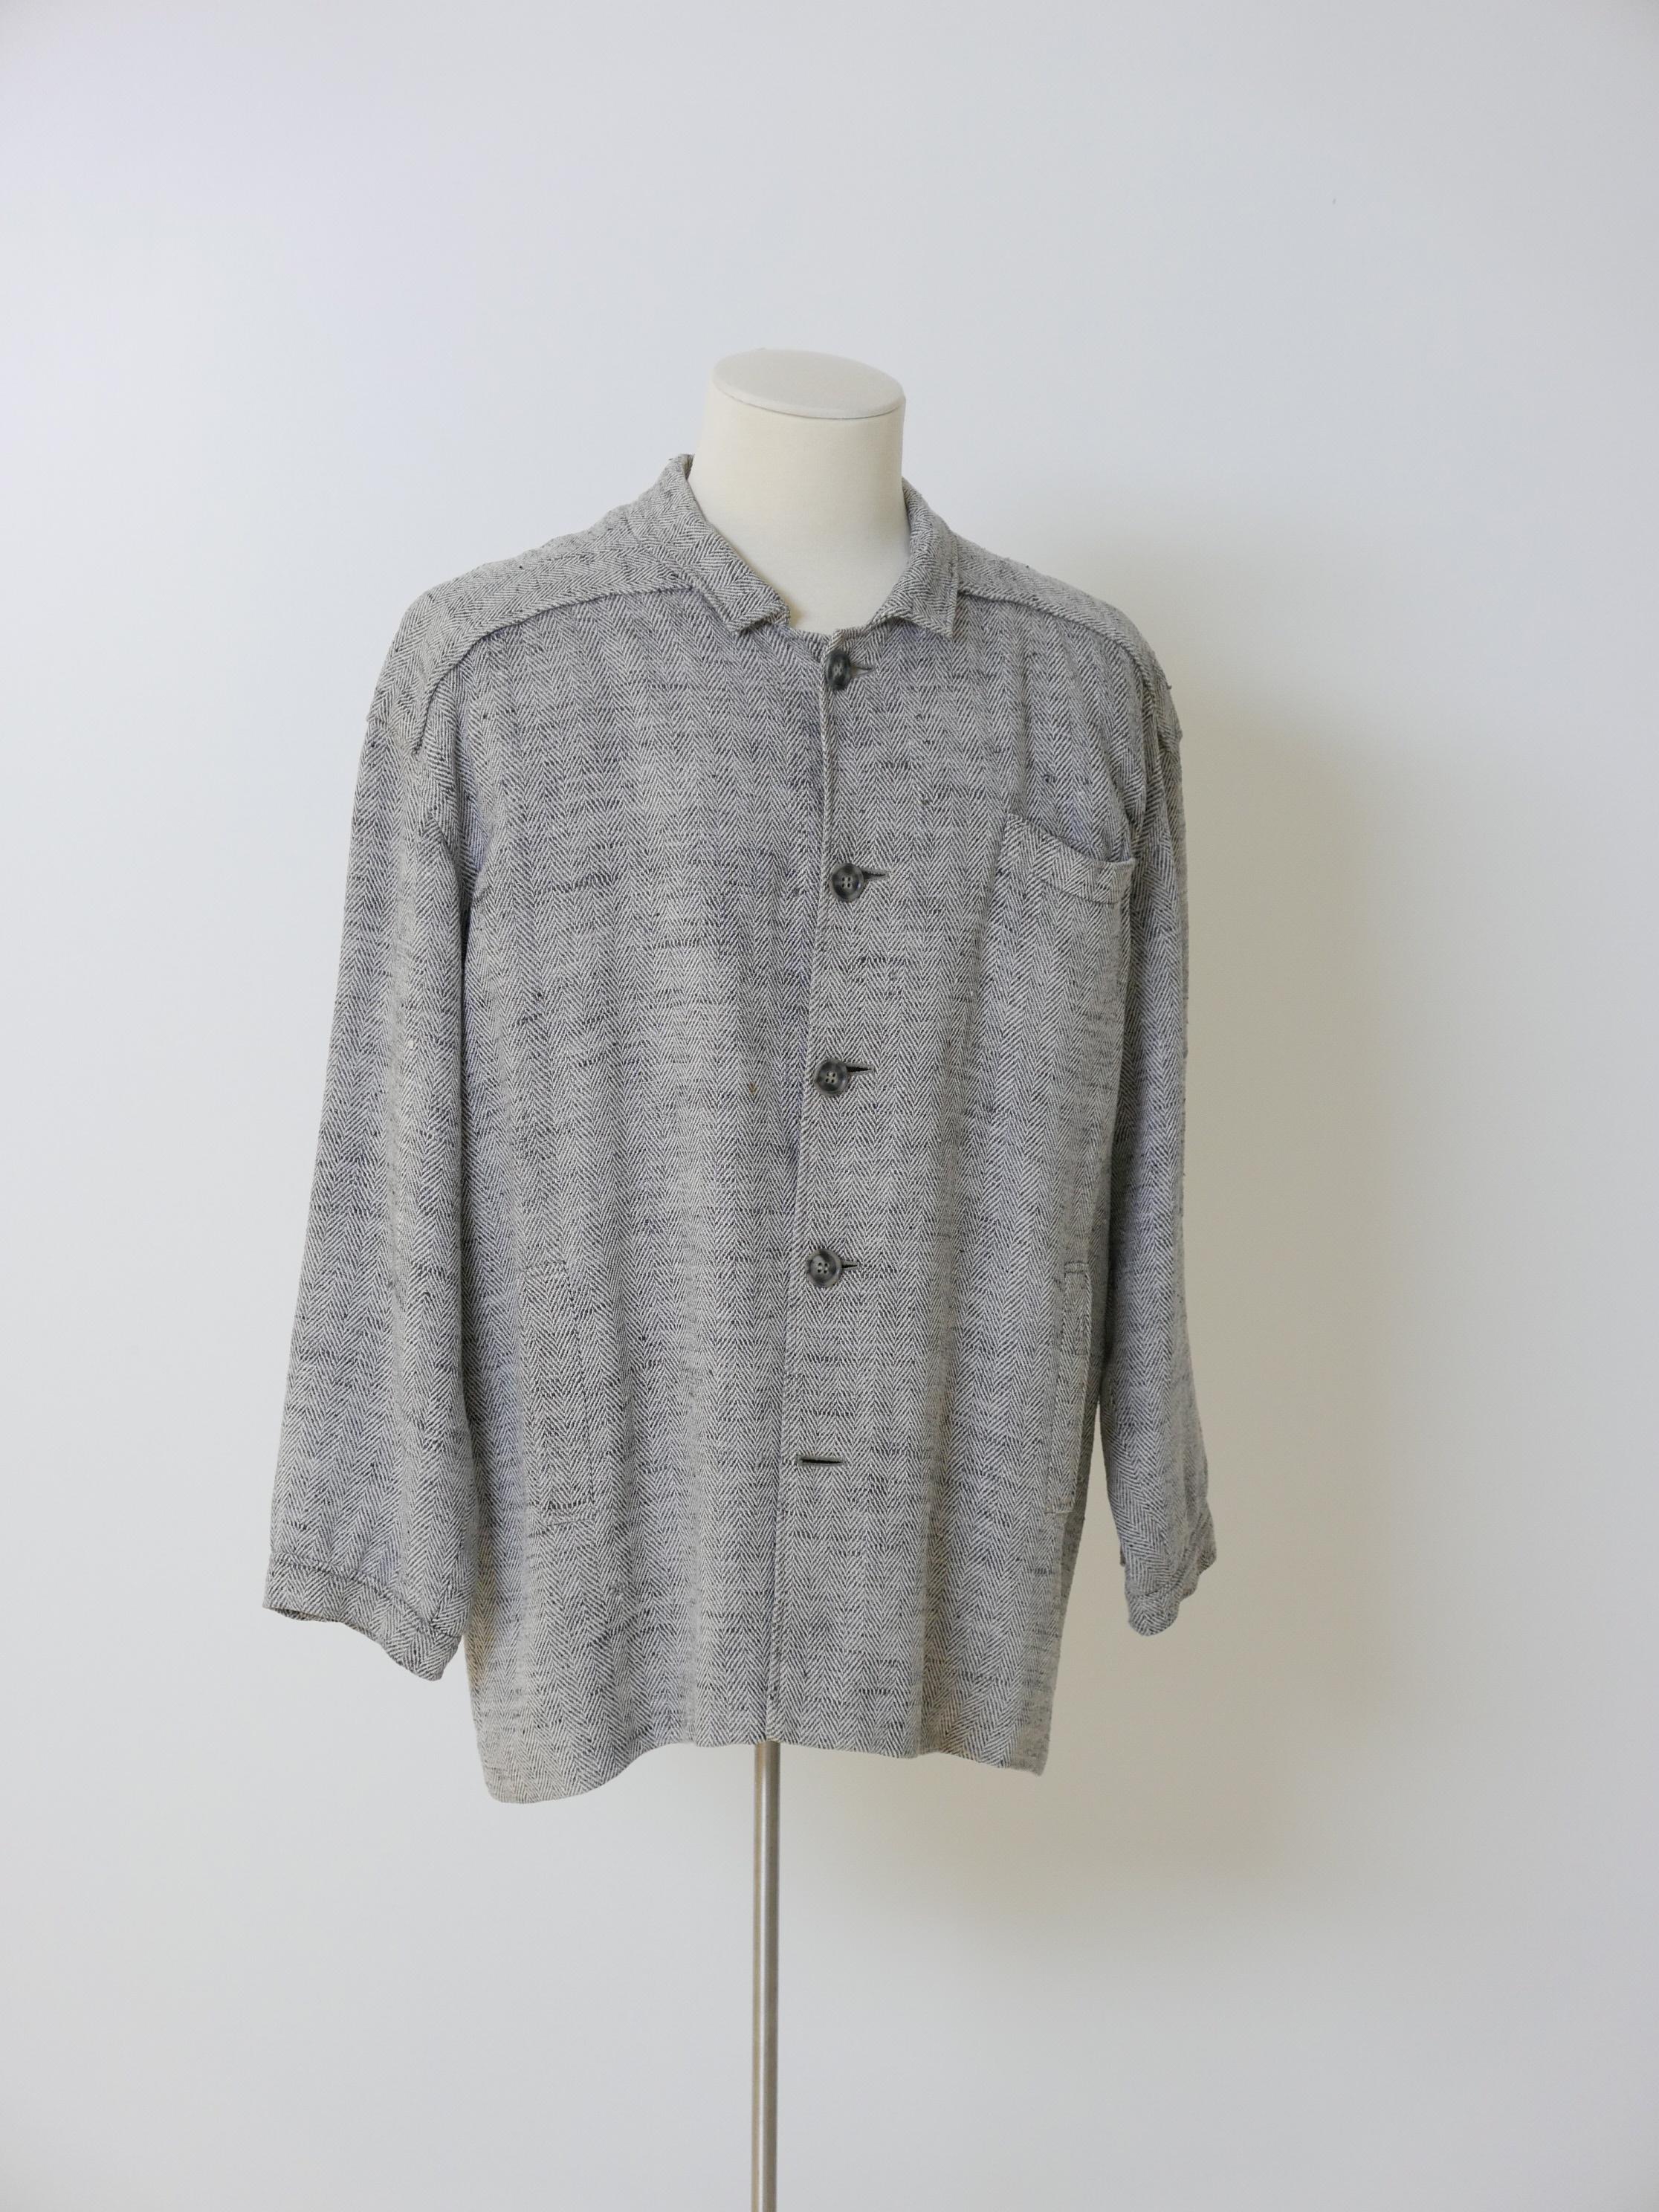 Chaqueta recta en sarga espiguilla en gris jaspeado y blanco.